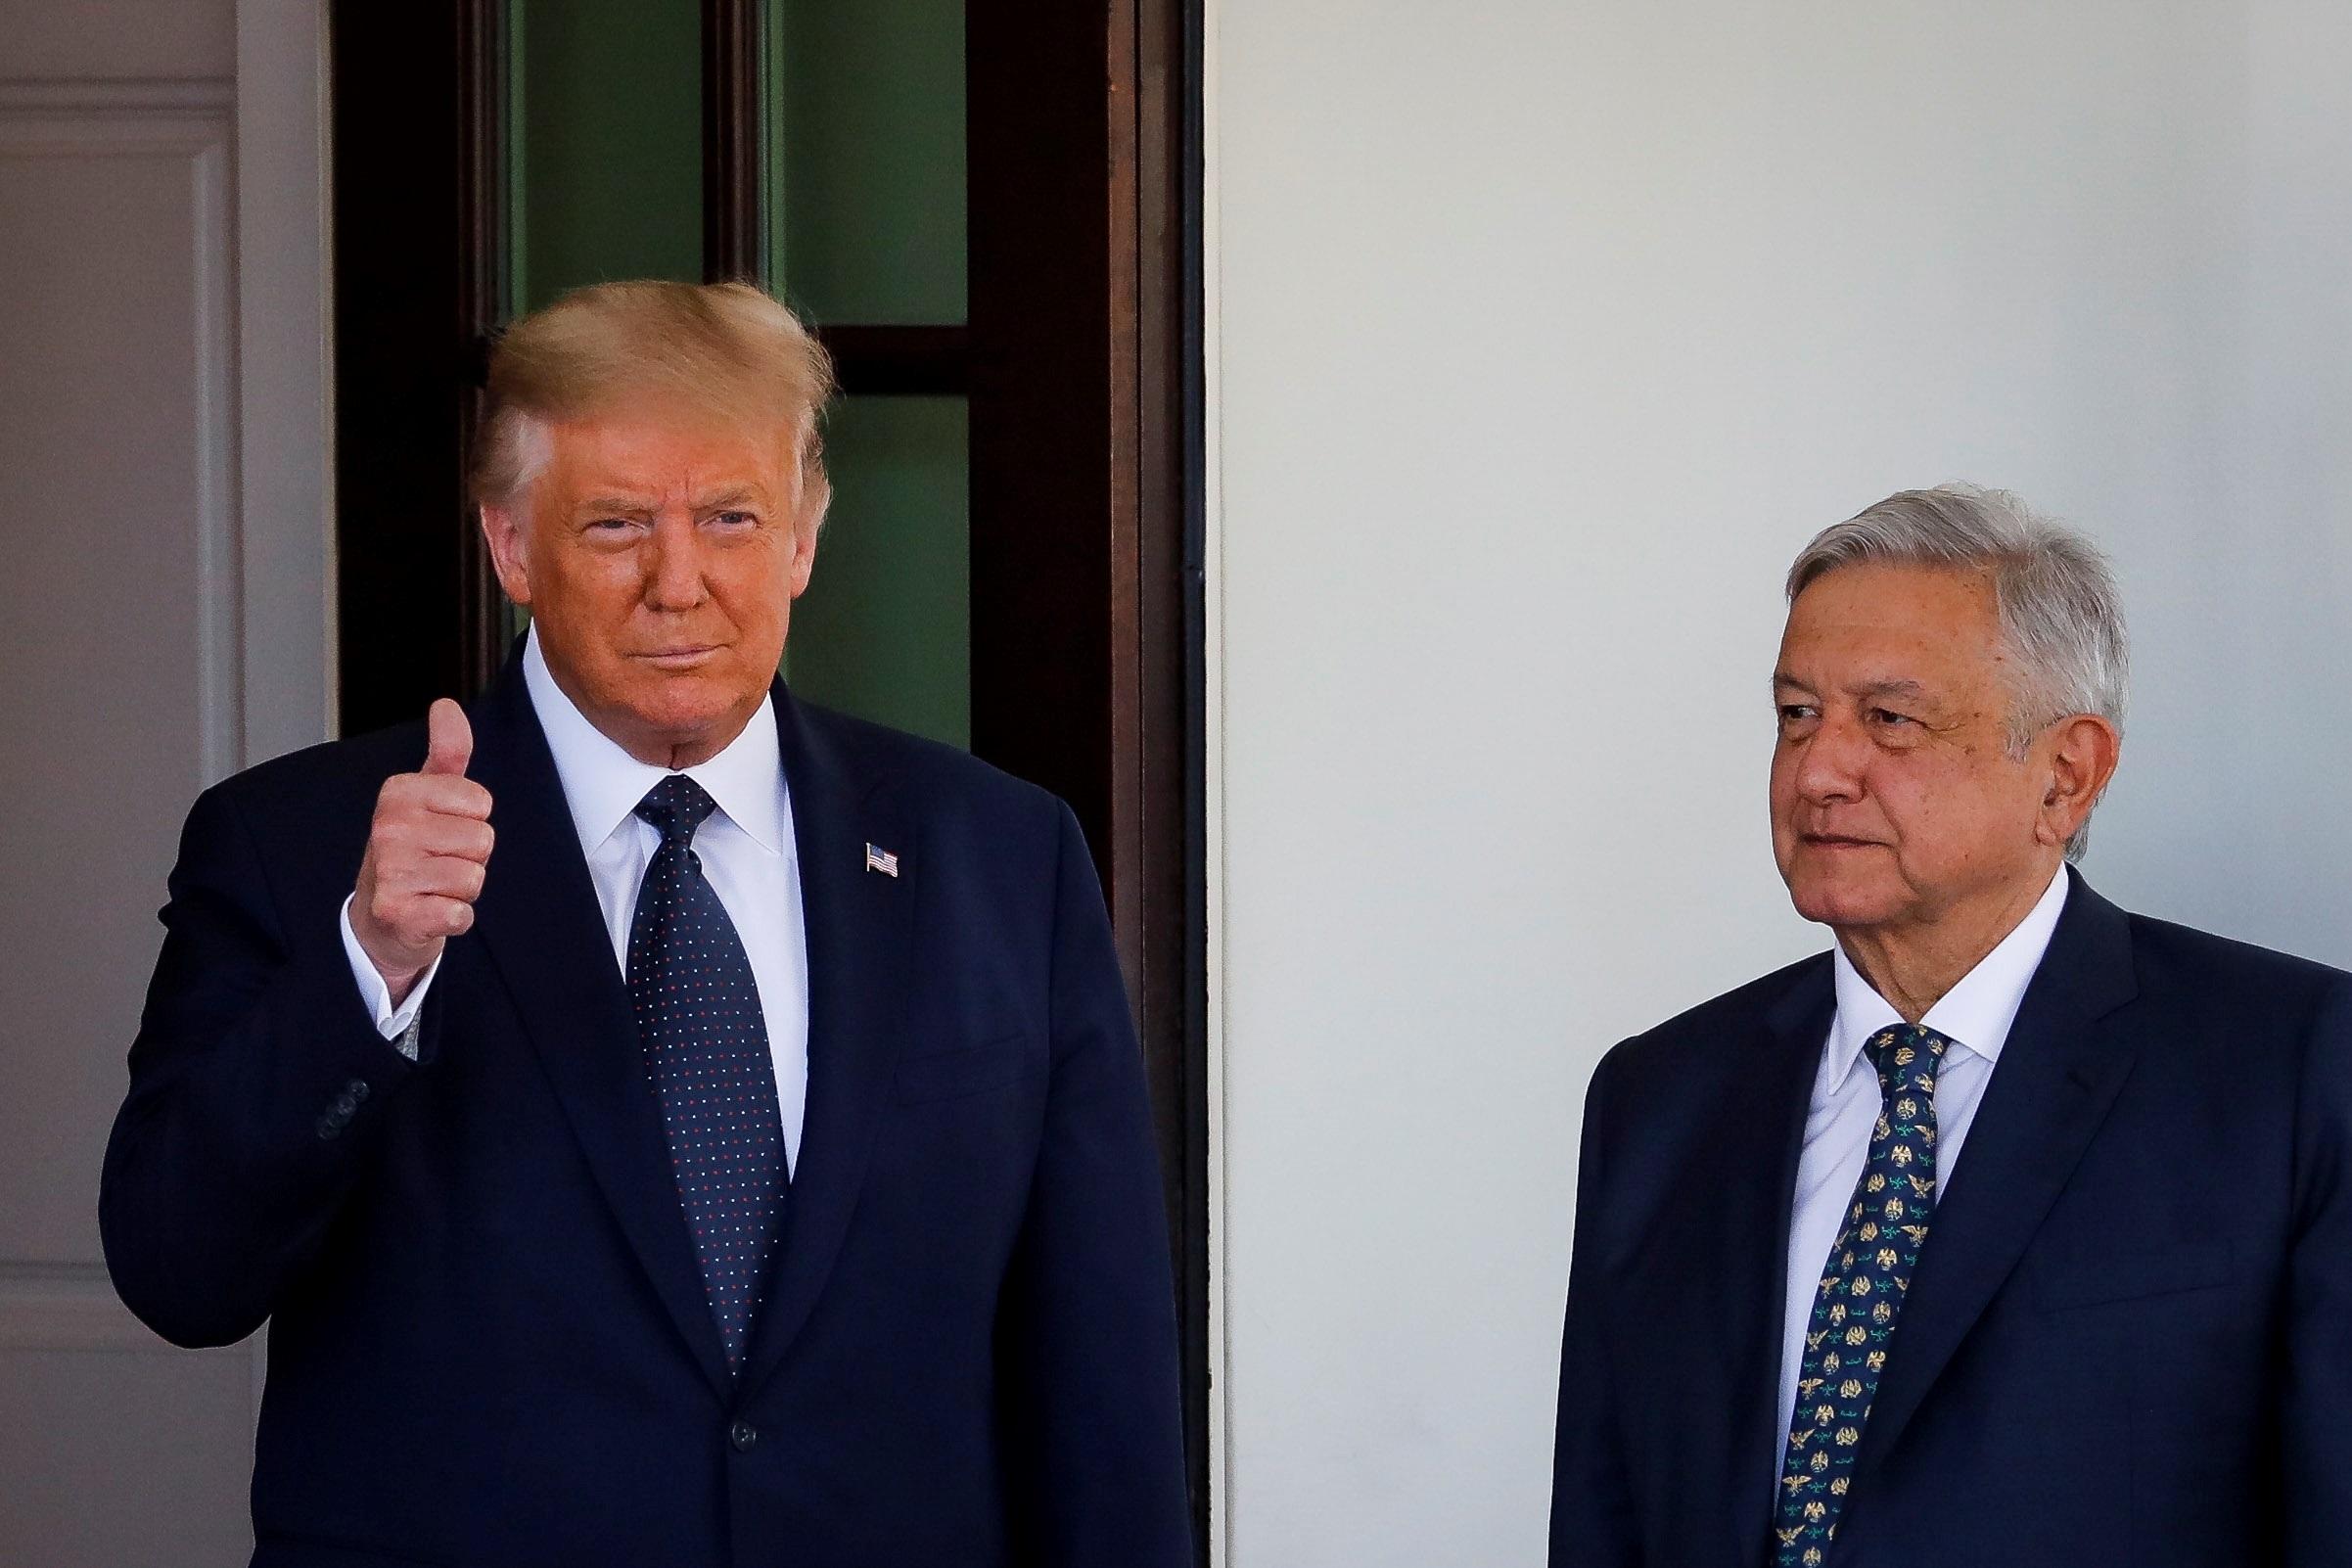 Donald Trump dando la bienvenida a López Obrador. Foto de EFE/EPA/Al Drago / POOL